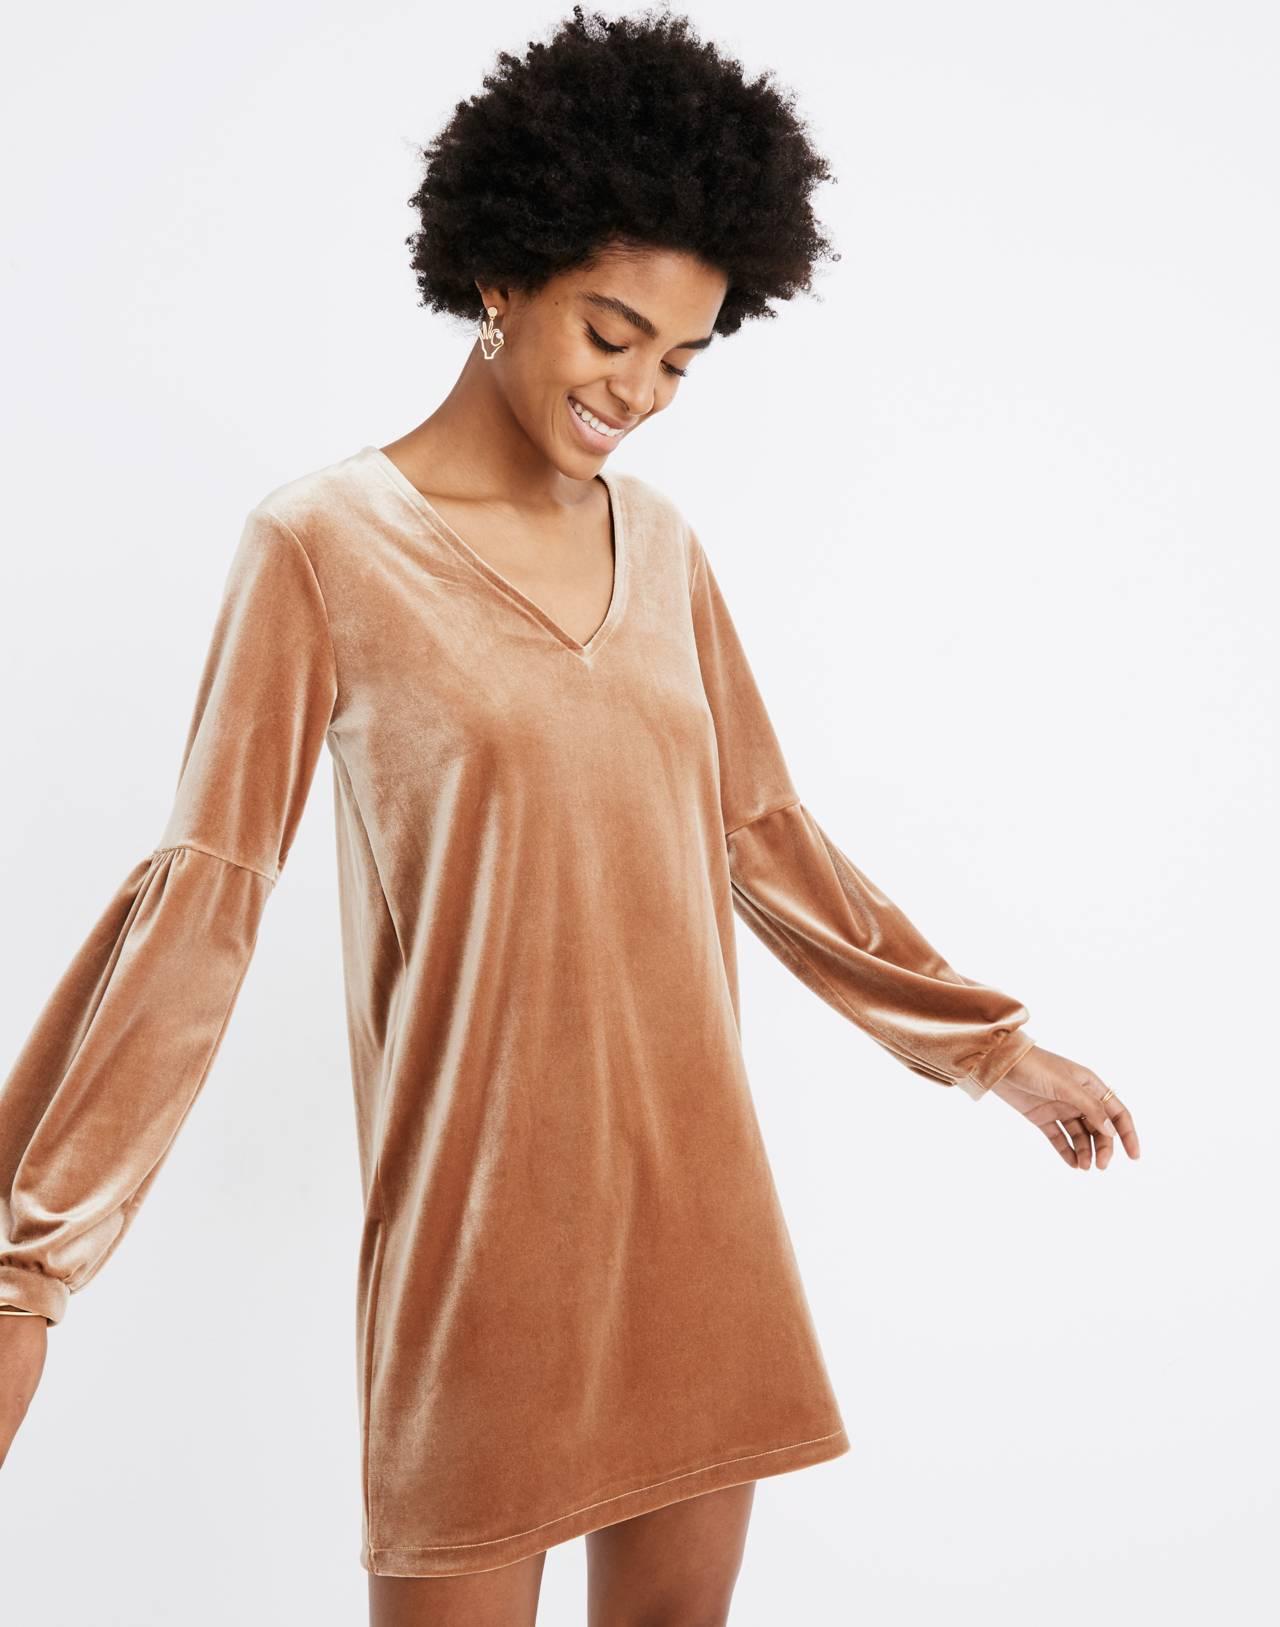 Velvet Balloon-Sleeve Dress in burnt sienna image 1